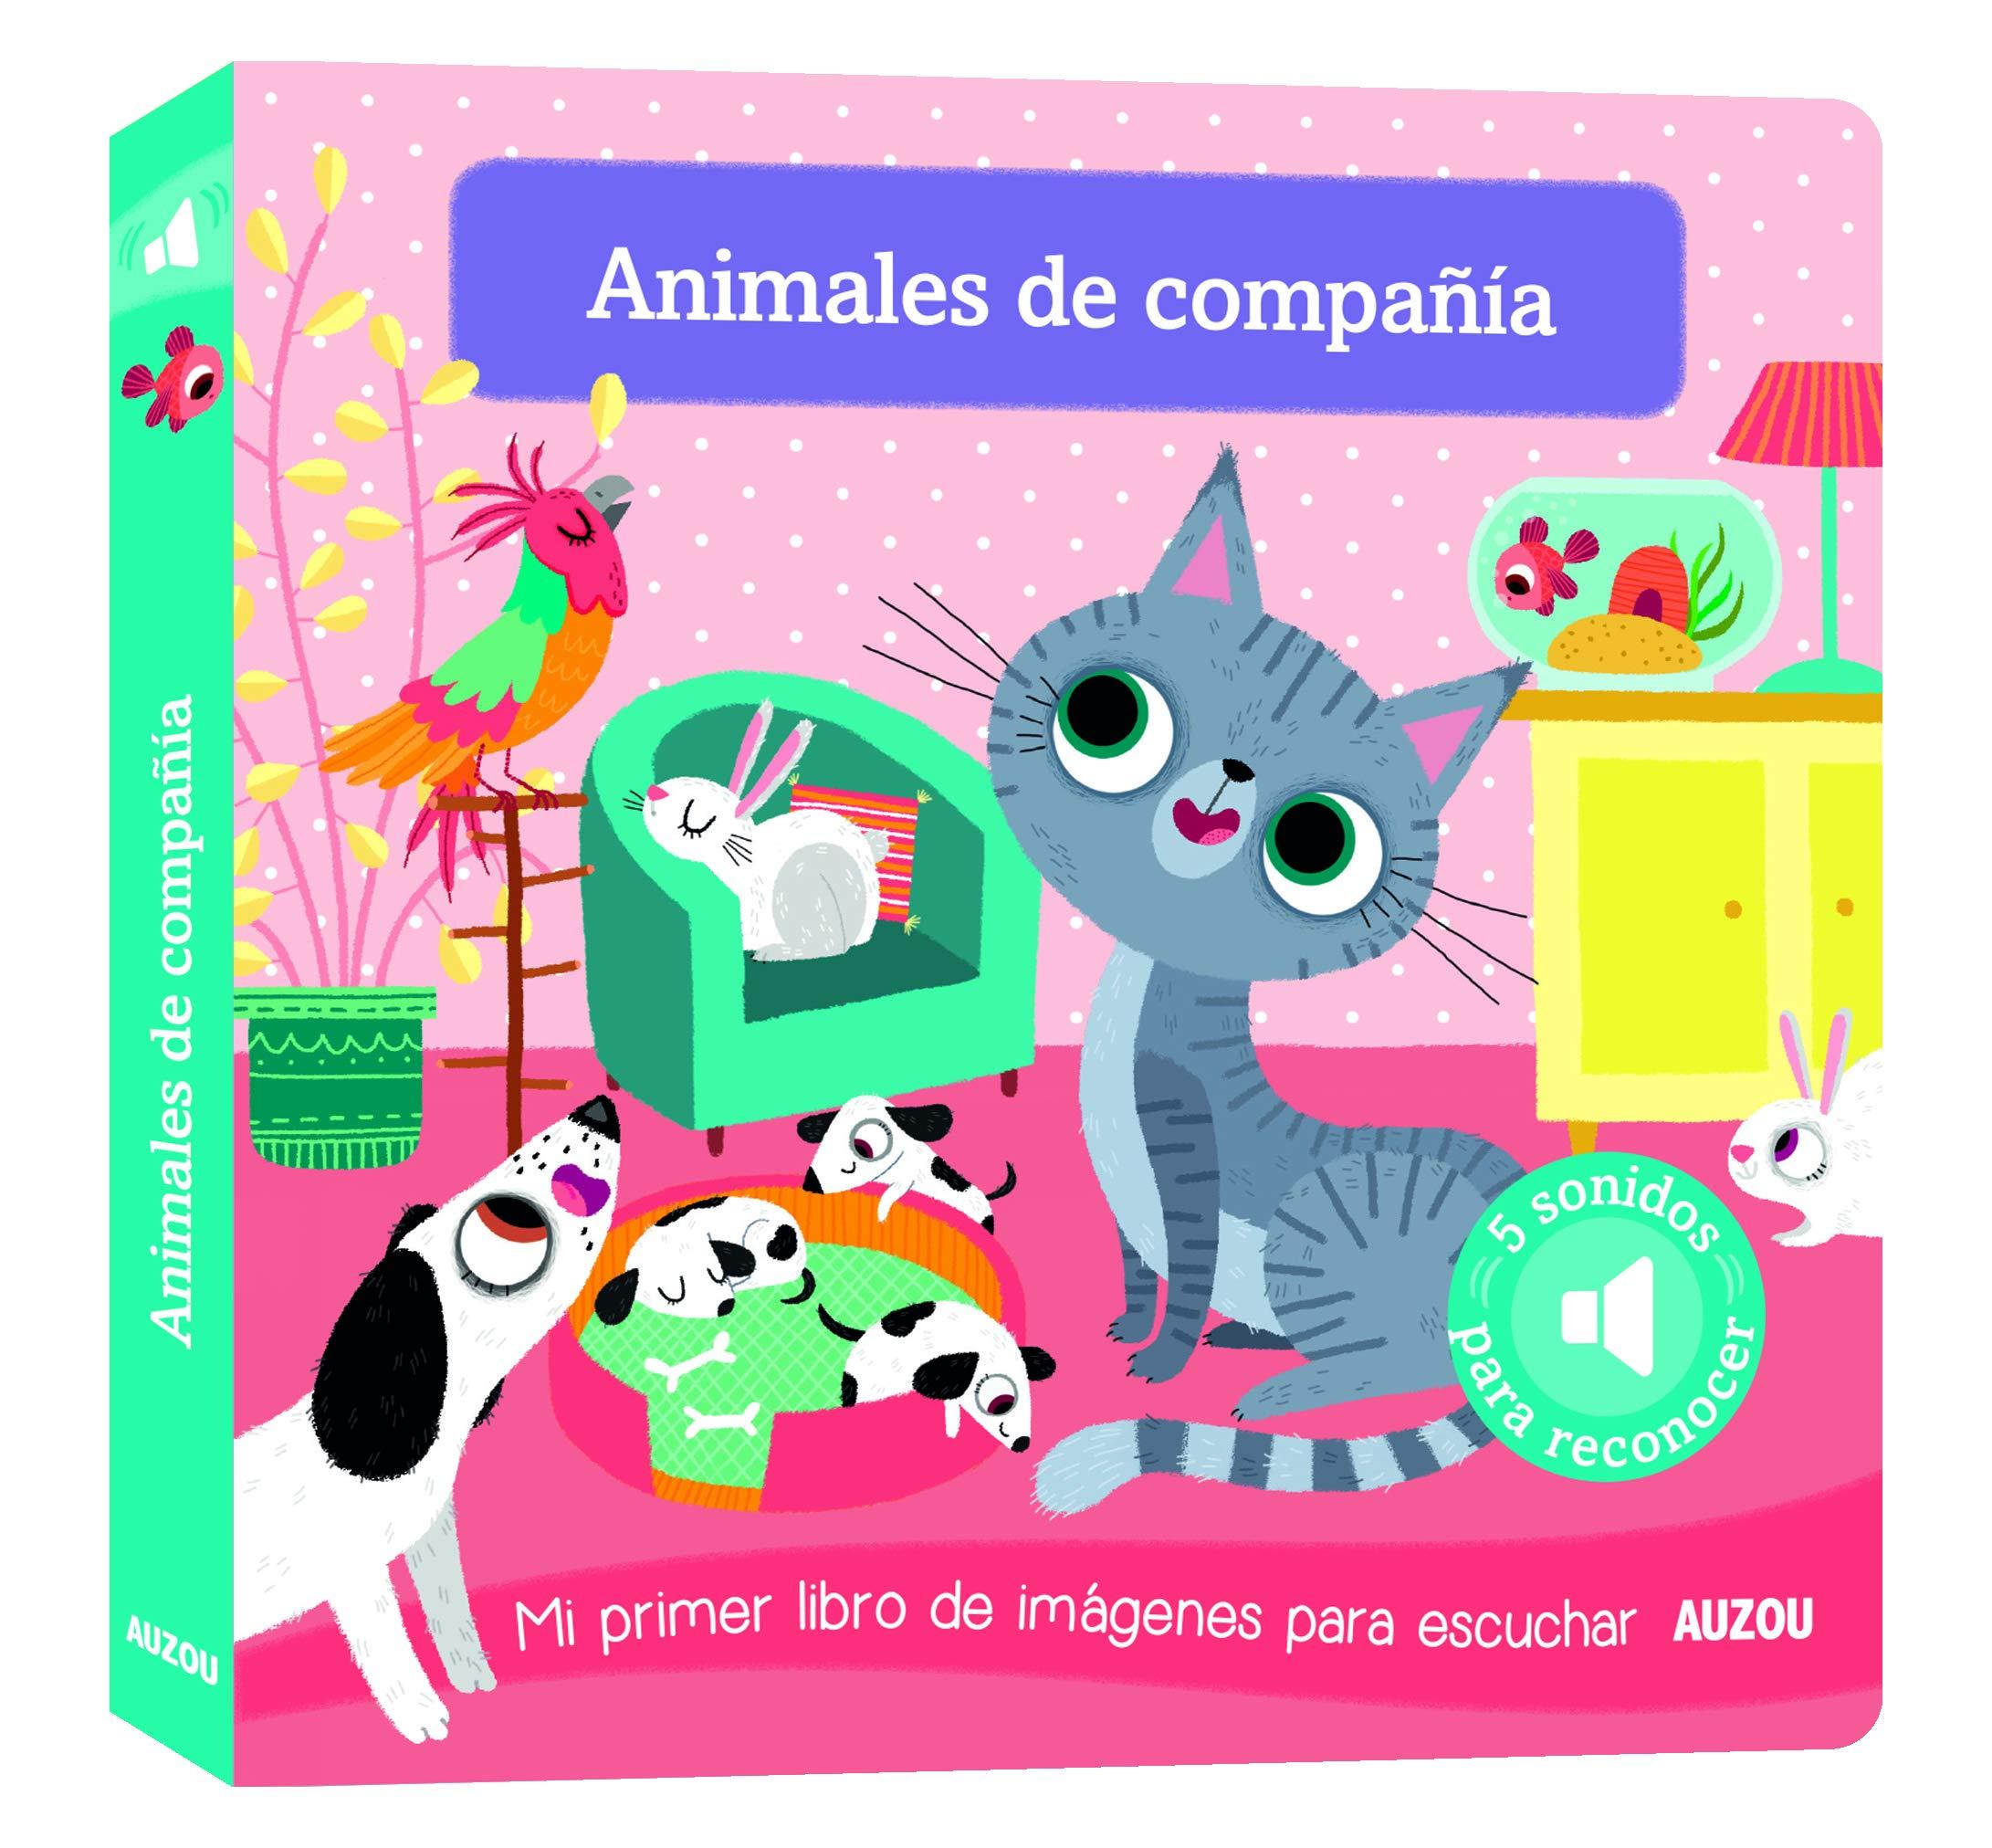 Libro de sonidos. Animales de compañía: Amazon.es: Notaert, Amandine,  Notaert, Amandine: Libros